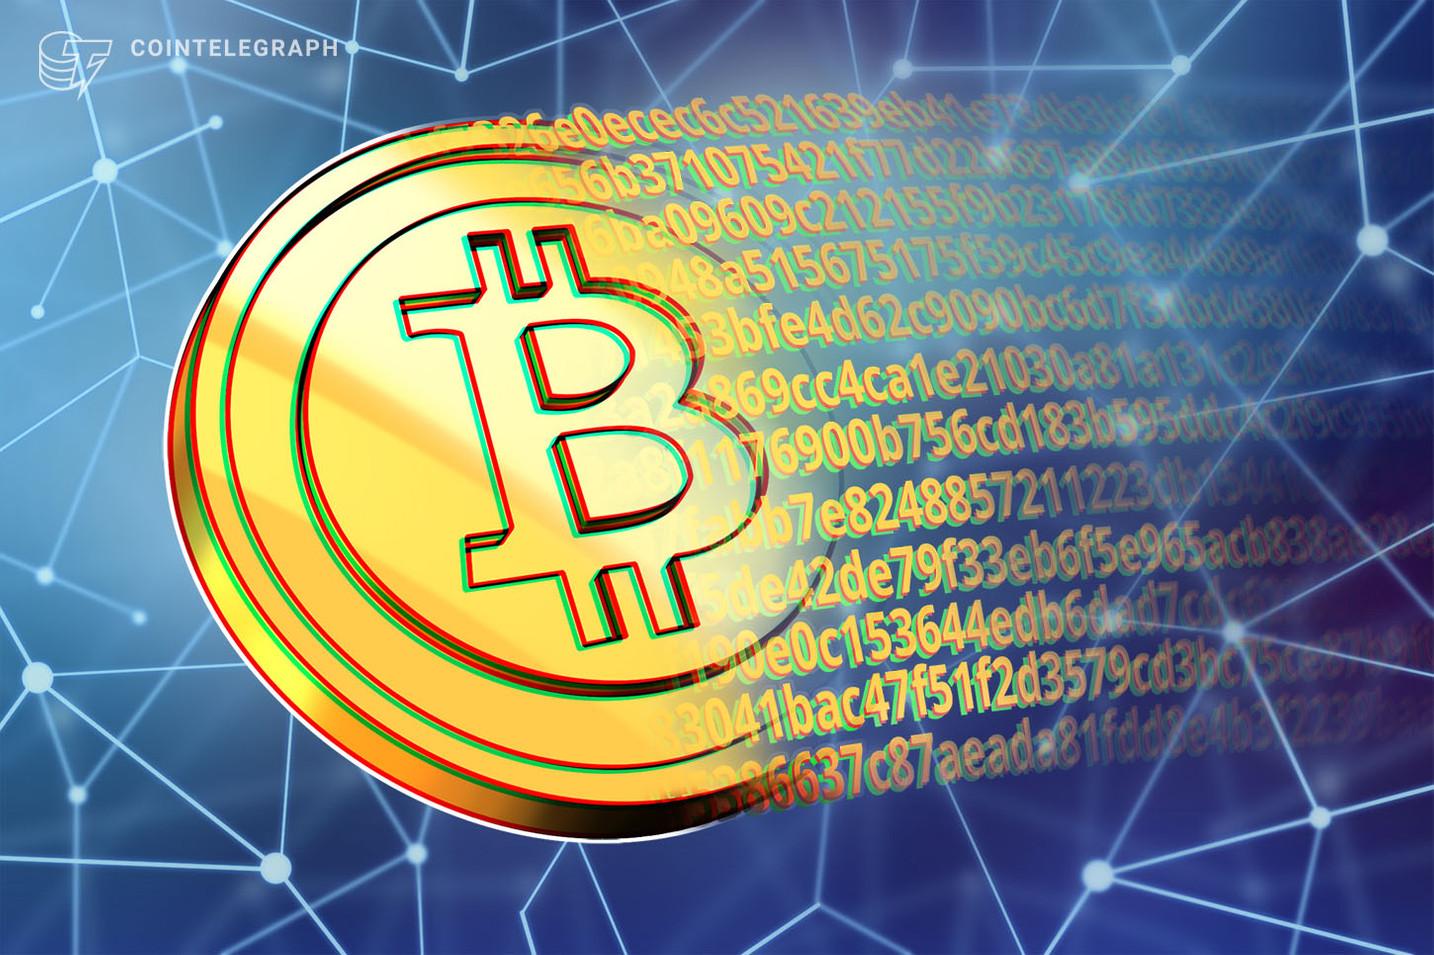 Ο «υπερκύκλος» του Bitcoin καθορίζει την κορυφή της τιμής του BTC Q4, καθώς η μη ρευστή προσφορά φτάνει στο υψηλότερο επίπεδο όλων των εποχών